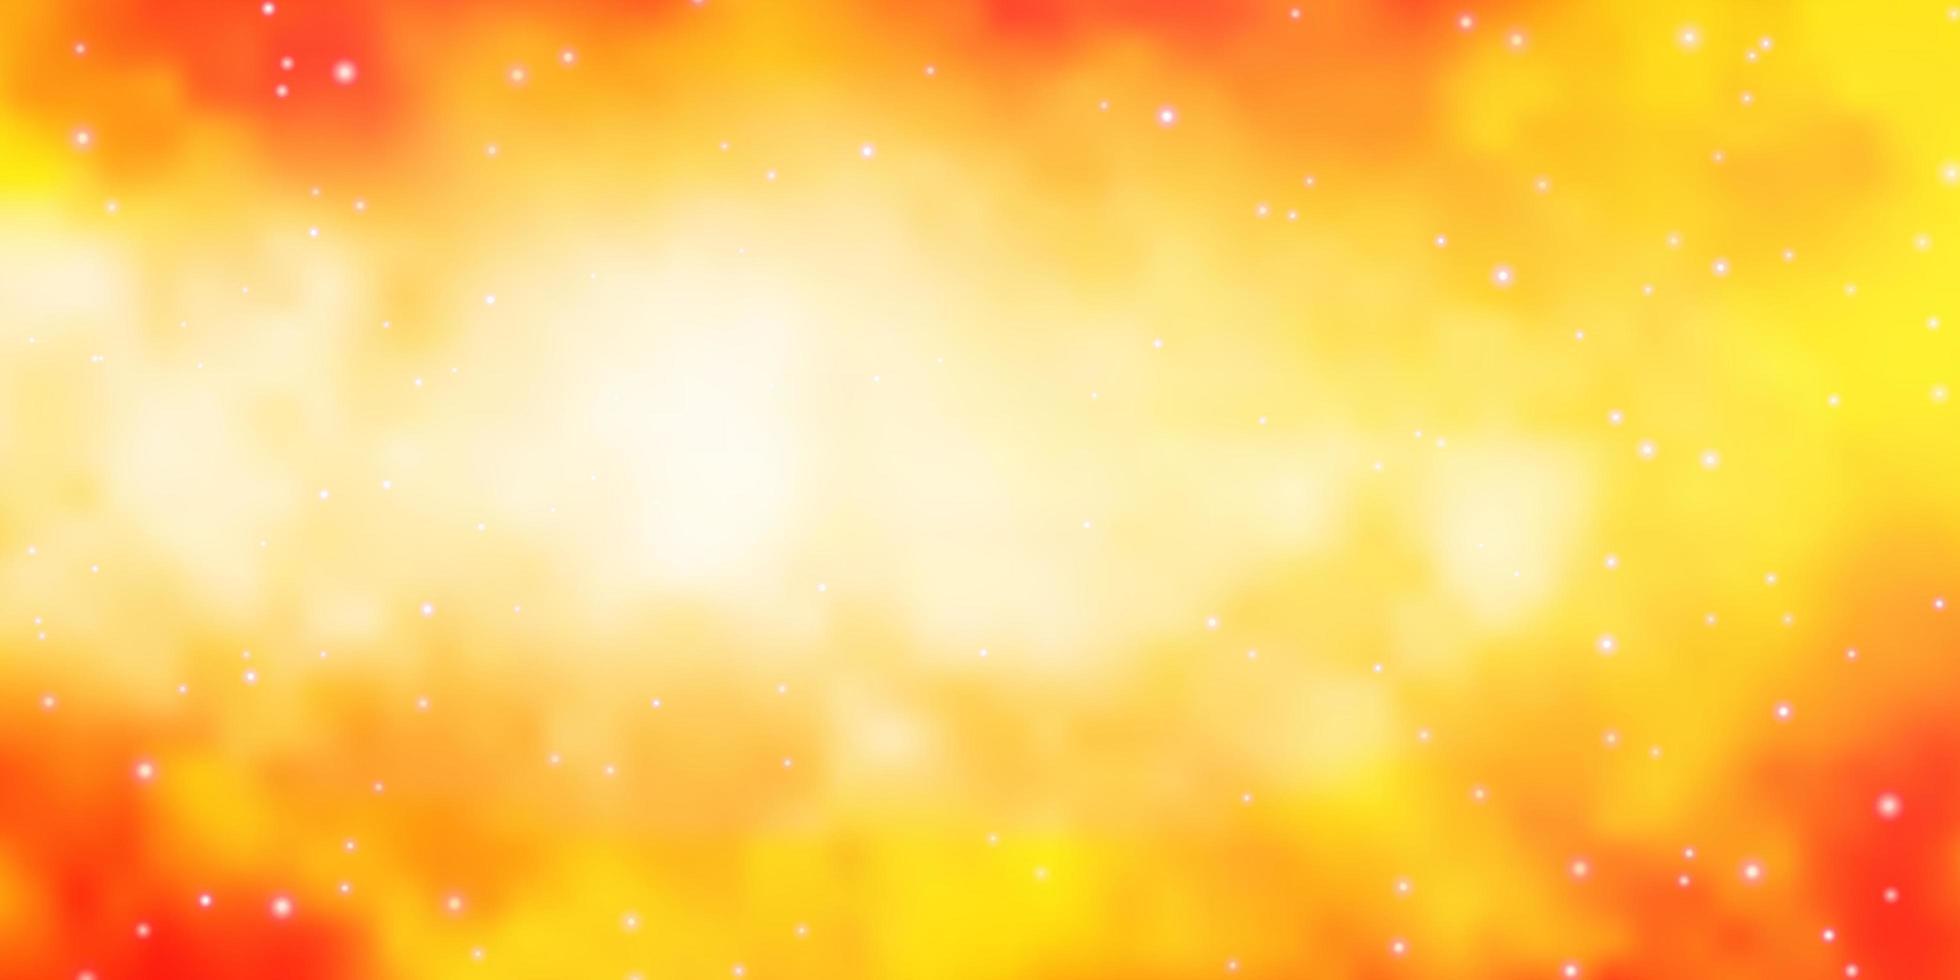 fundo vector laranja claro com estrelas coloridas.